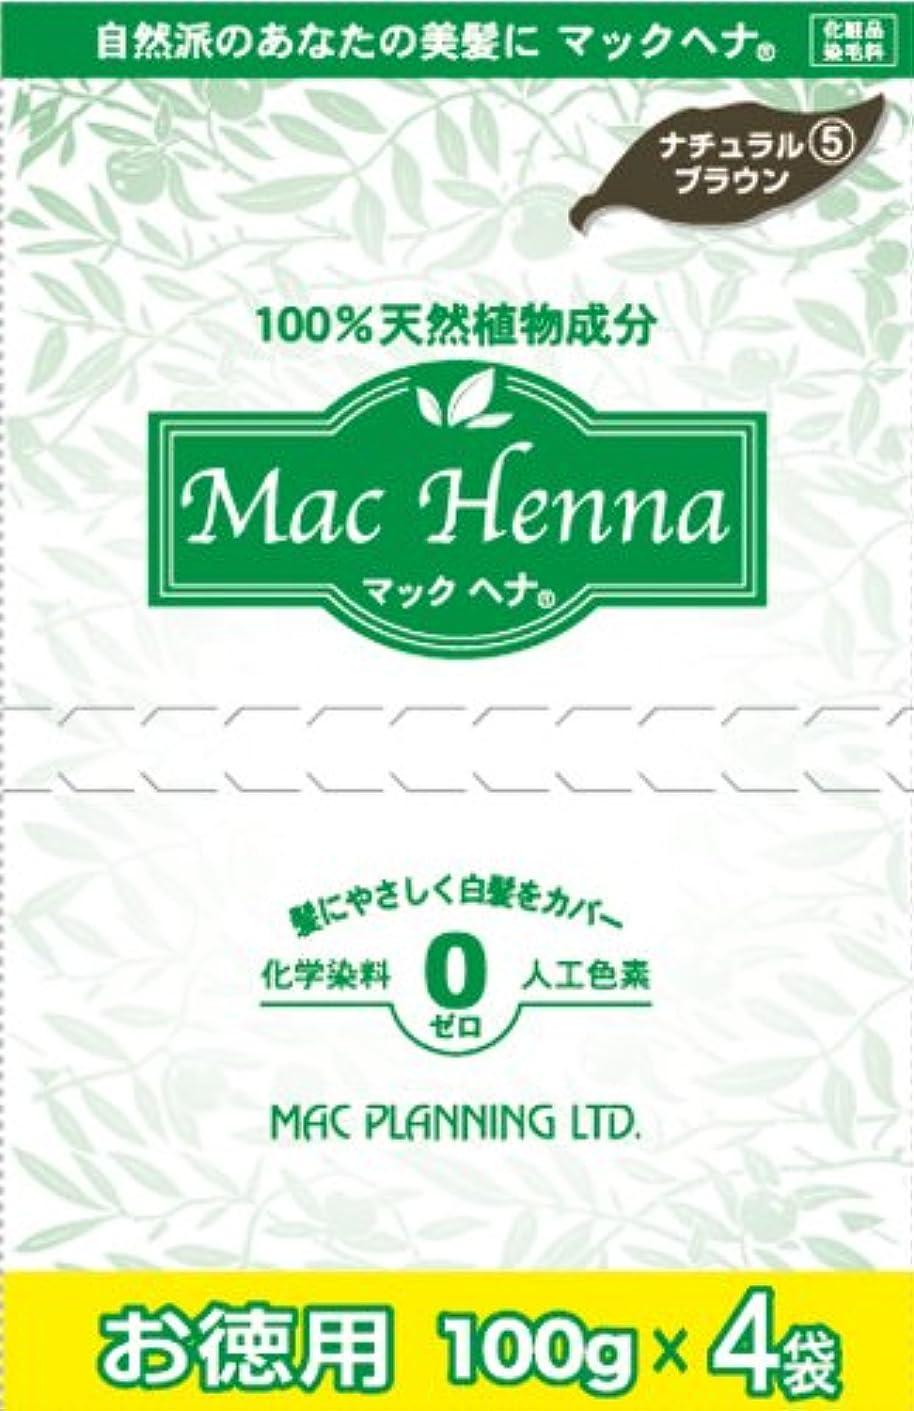 受信機読者メダリスト天然植物原料100% 無添加 マックヘナ お徳用(ナチュラルブラウン)-5  400g(100g×4袋)3箱セット